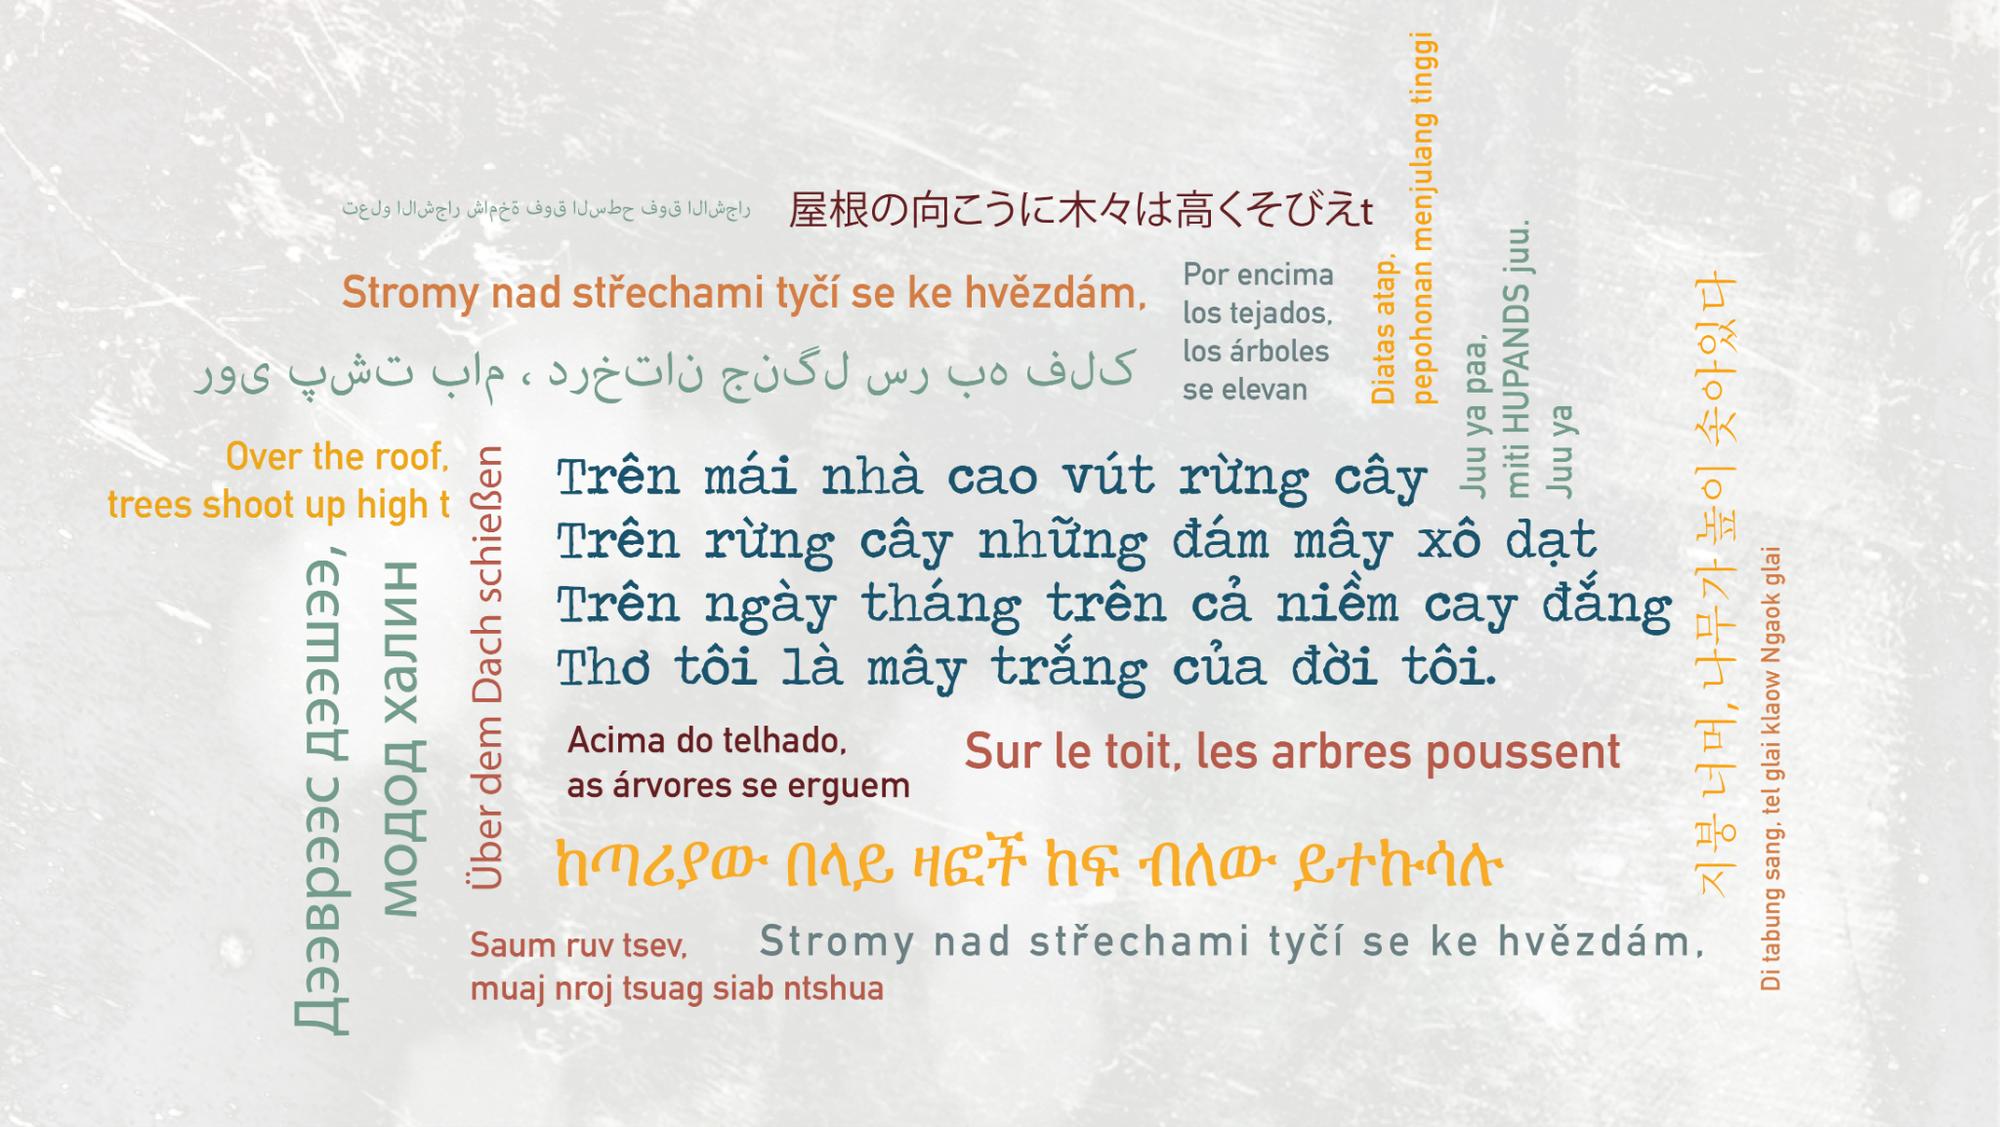 """""""Se sẽ 2021"""" - Khi thơ Lưu Quang Vũ - Xuân Quỳnh được cất lên bằng 20 ngôn ngữ khác nhau - Ảnh 2."""